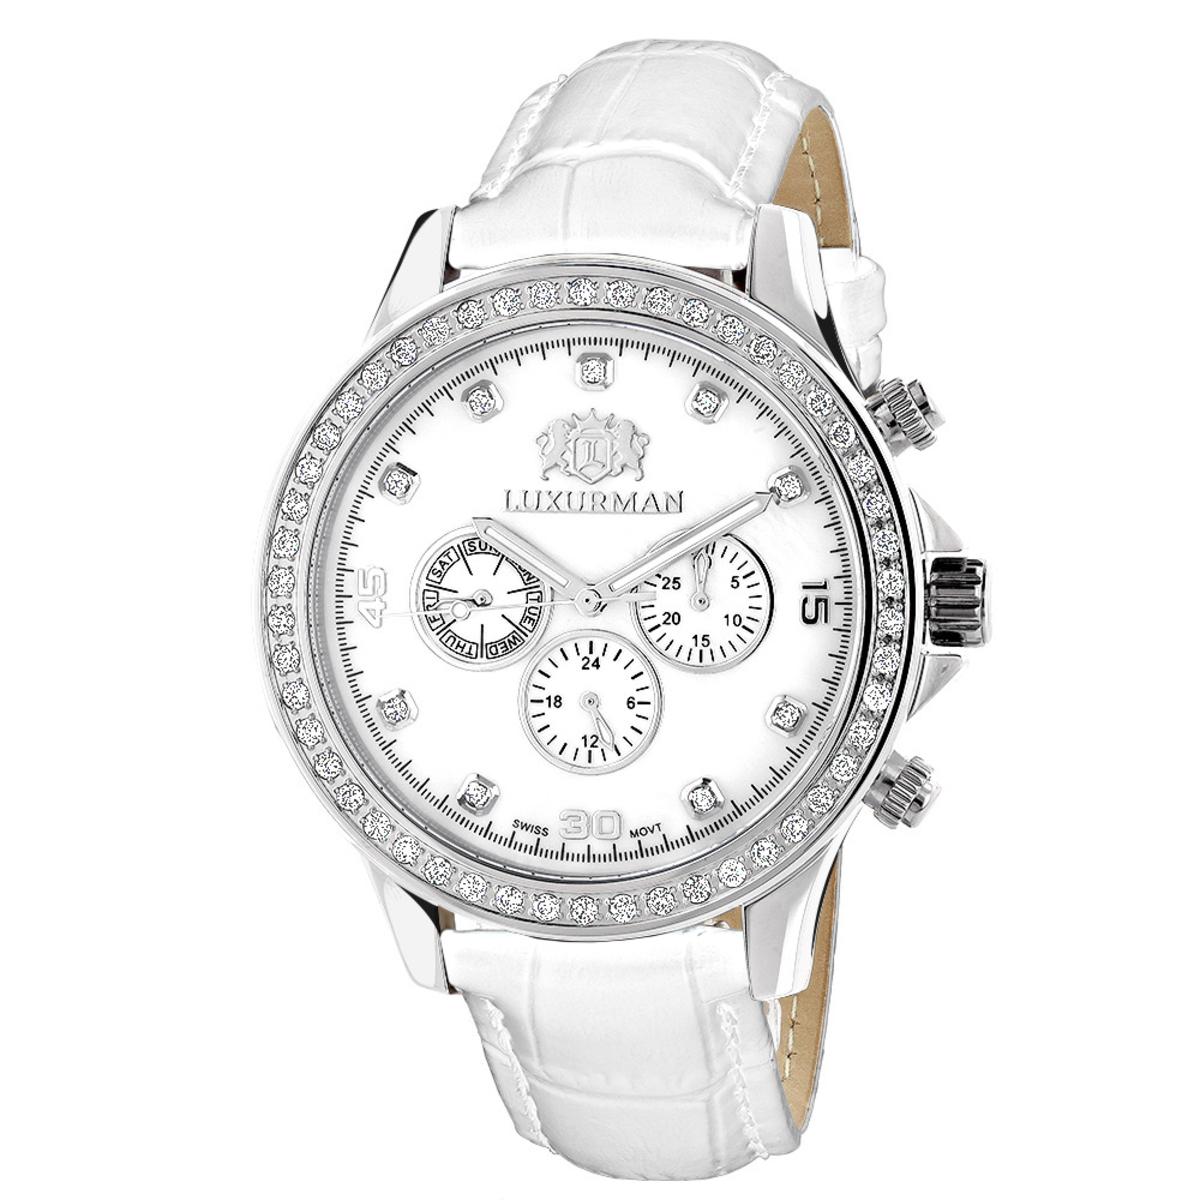 Swiss Mvt Men's Diamond Watches Luxurman Liberty 2c  Leather Band White MOP